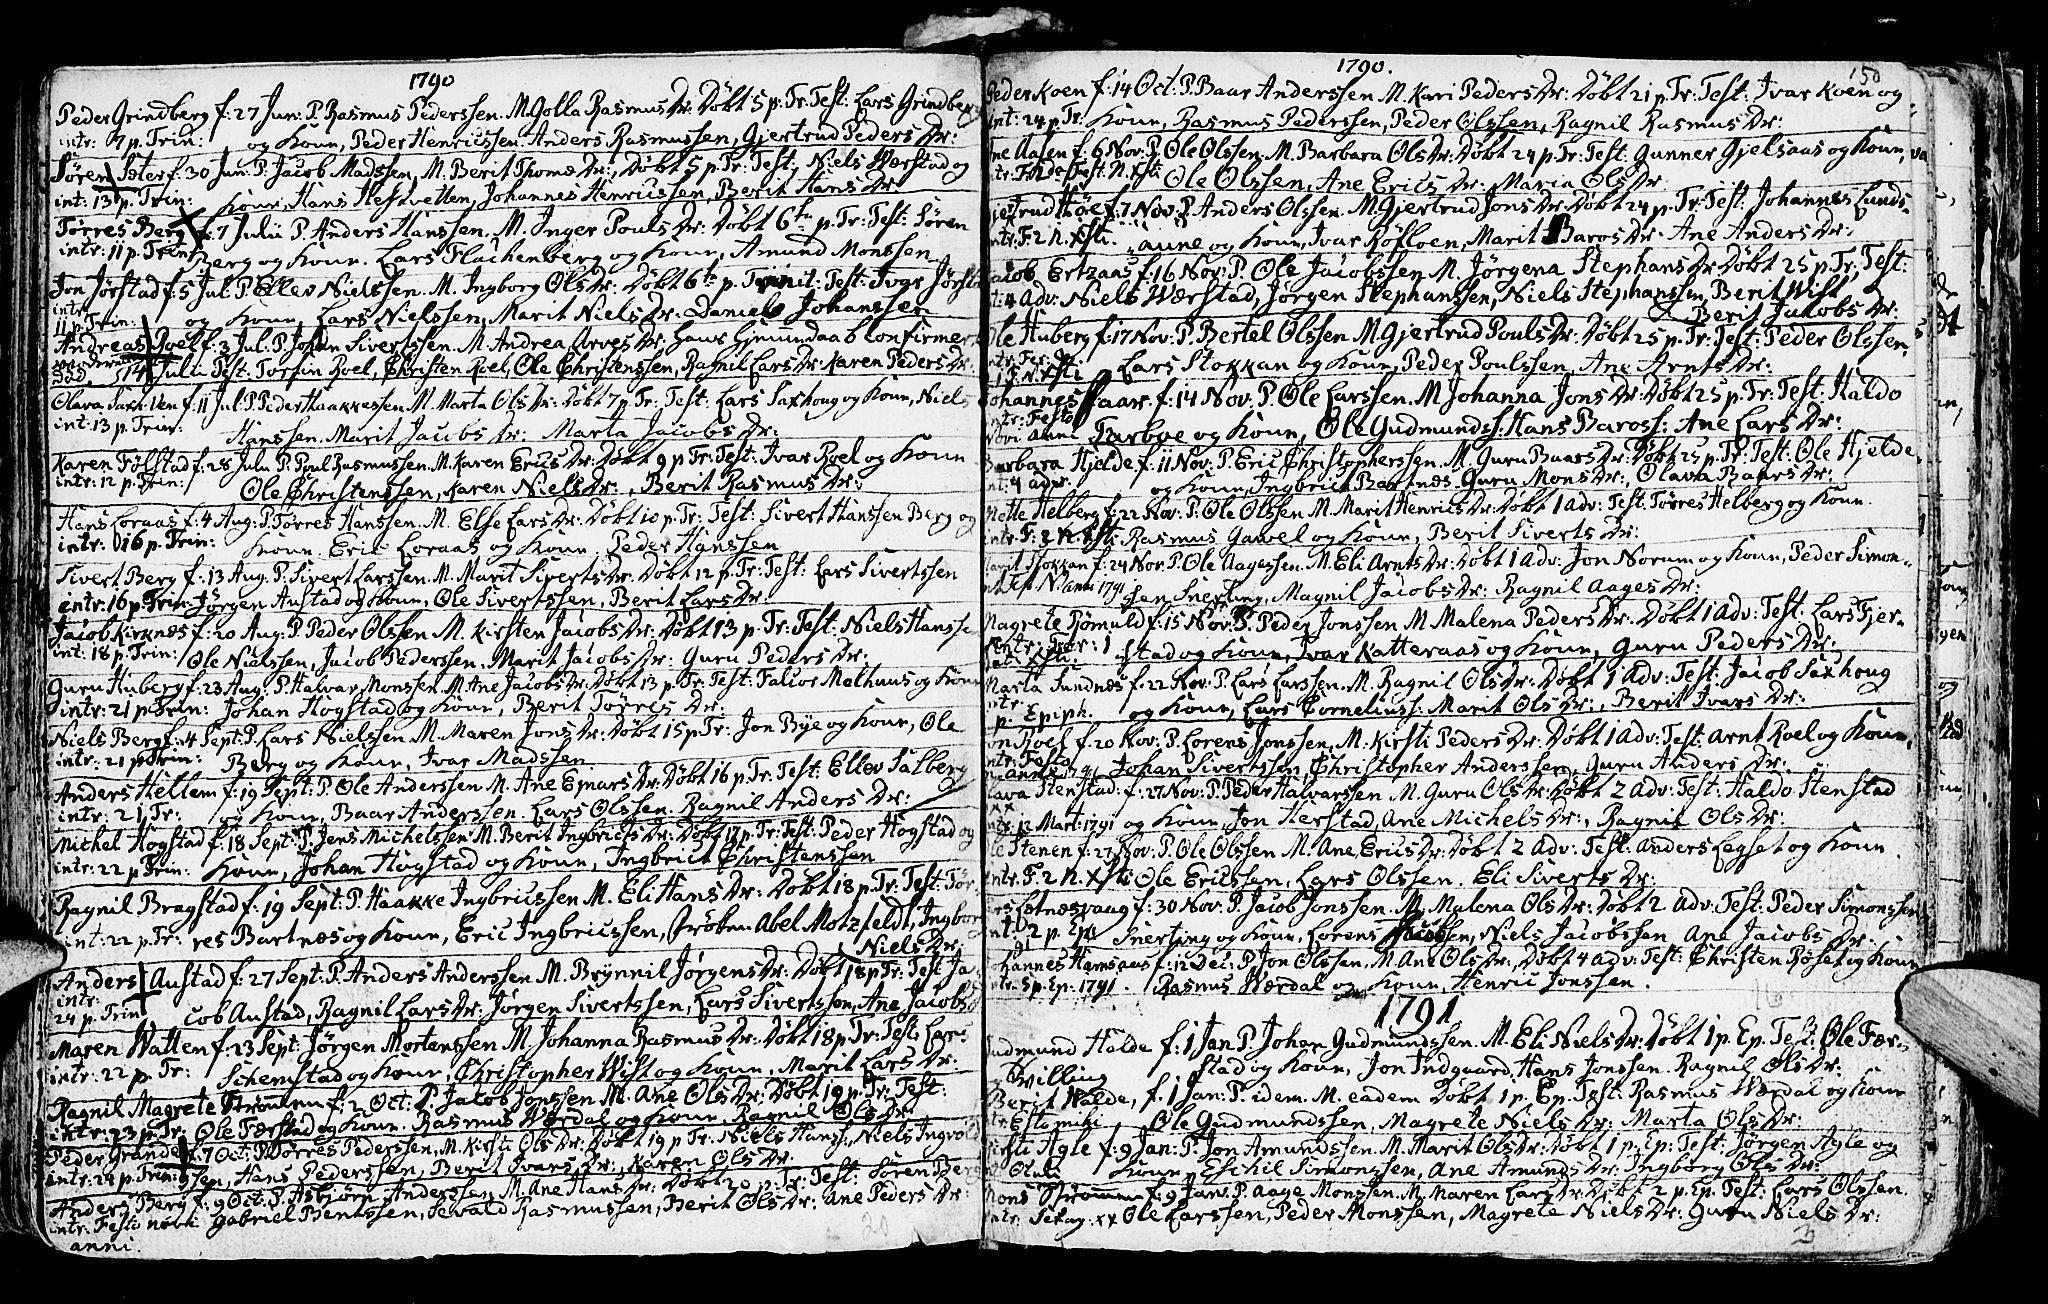 SAT, Ministerialprotokoller, klokkerbøker og fødselsregistre - Nord-Trøndelag, 730/L0273: Ministerialbok nr. 730A02, 1762-1802, s. 150